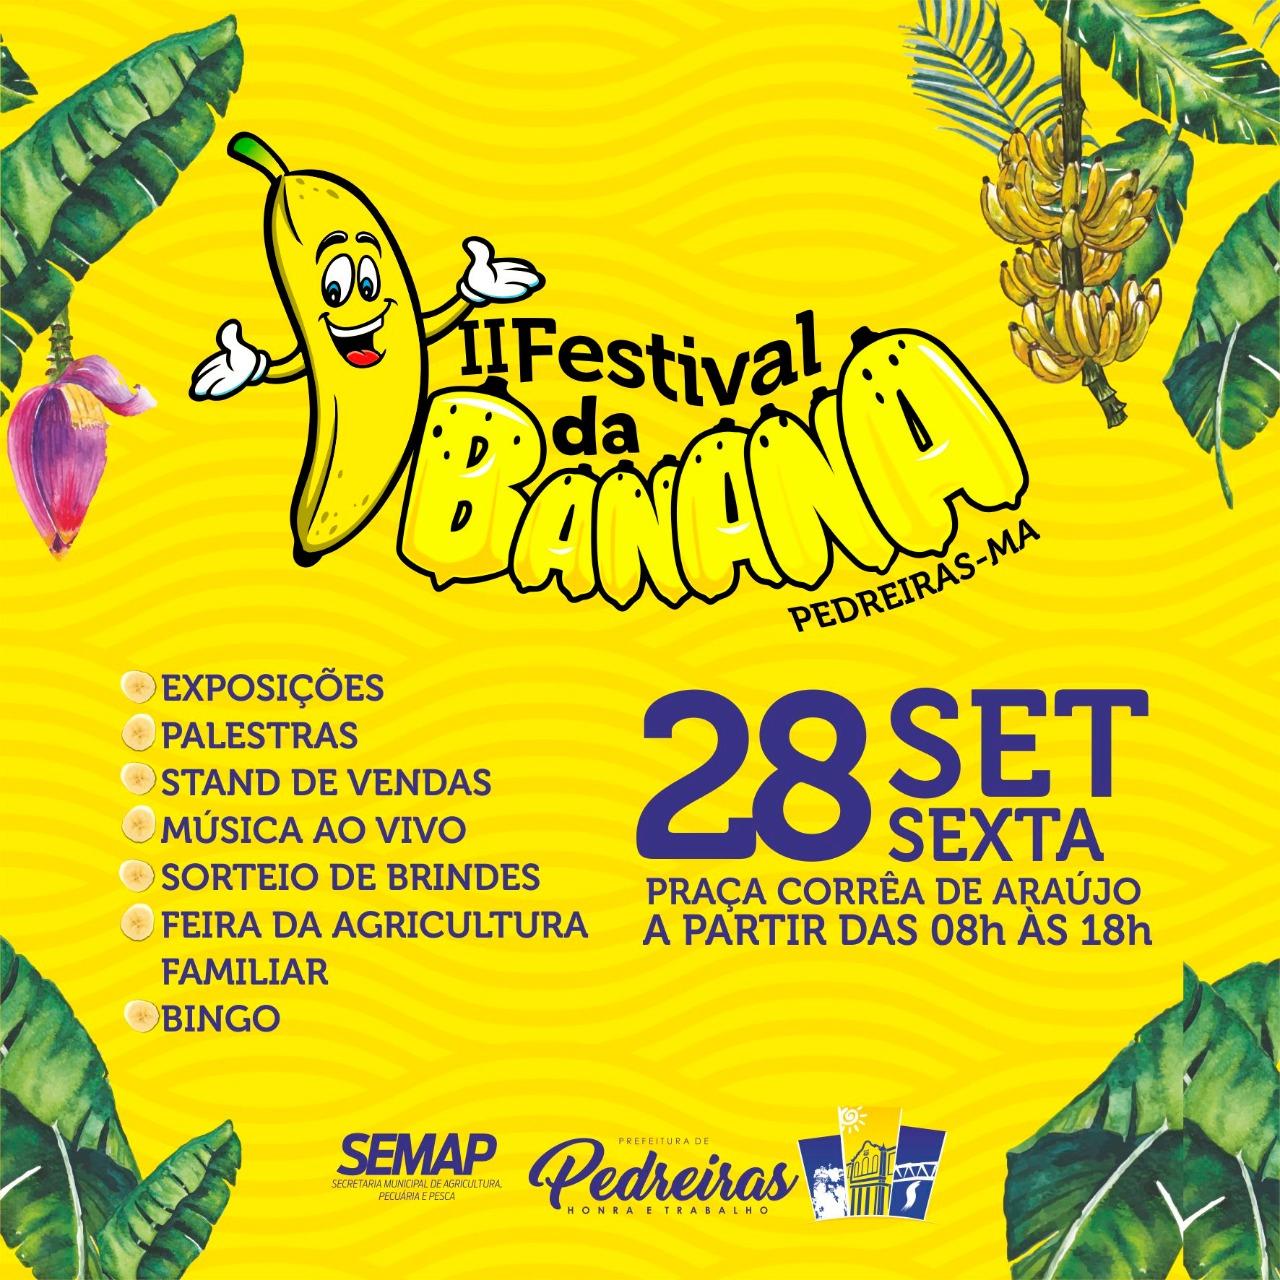 II FESTIVAL DA BANANA